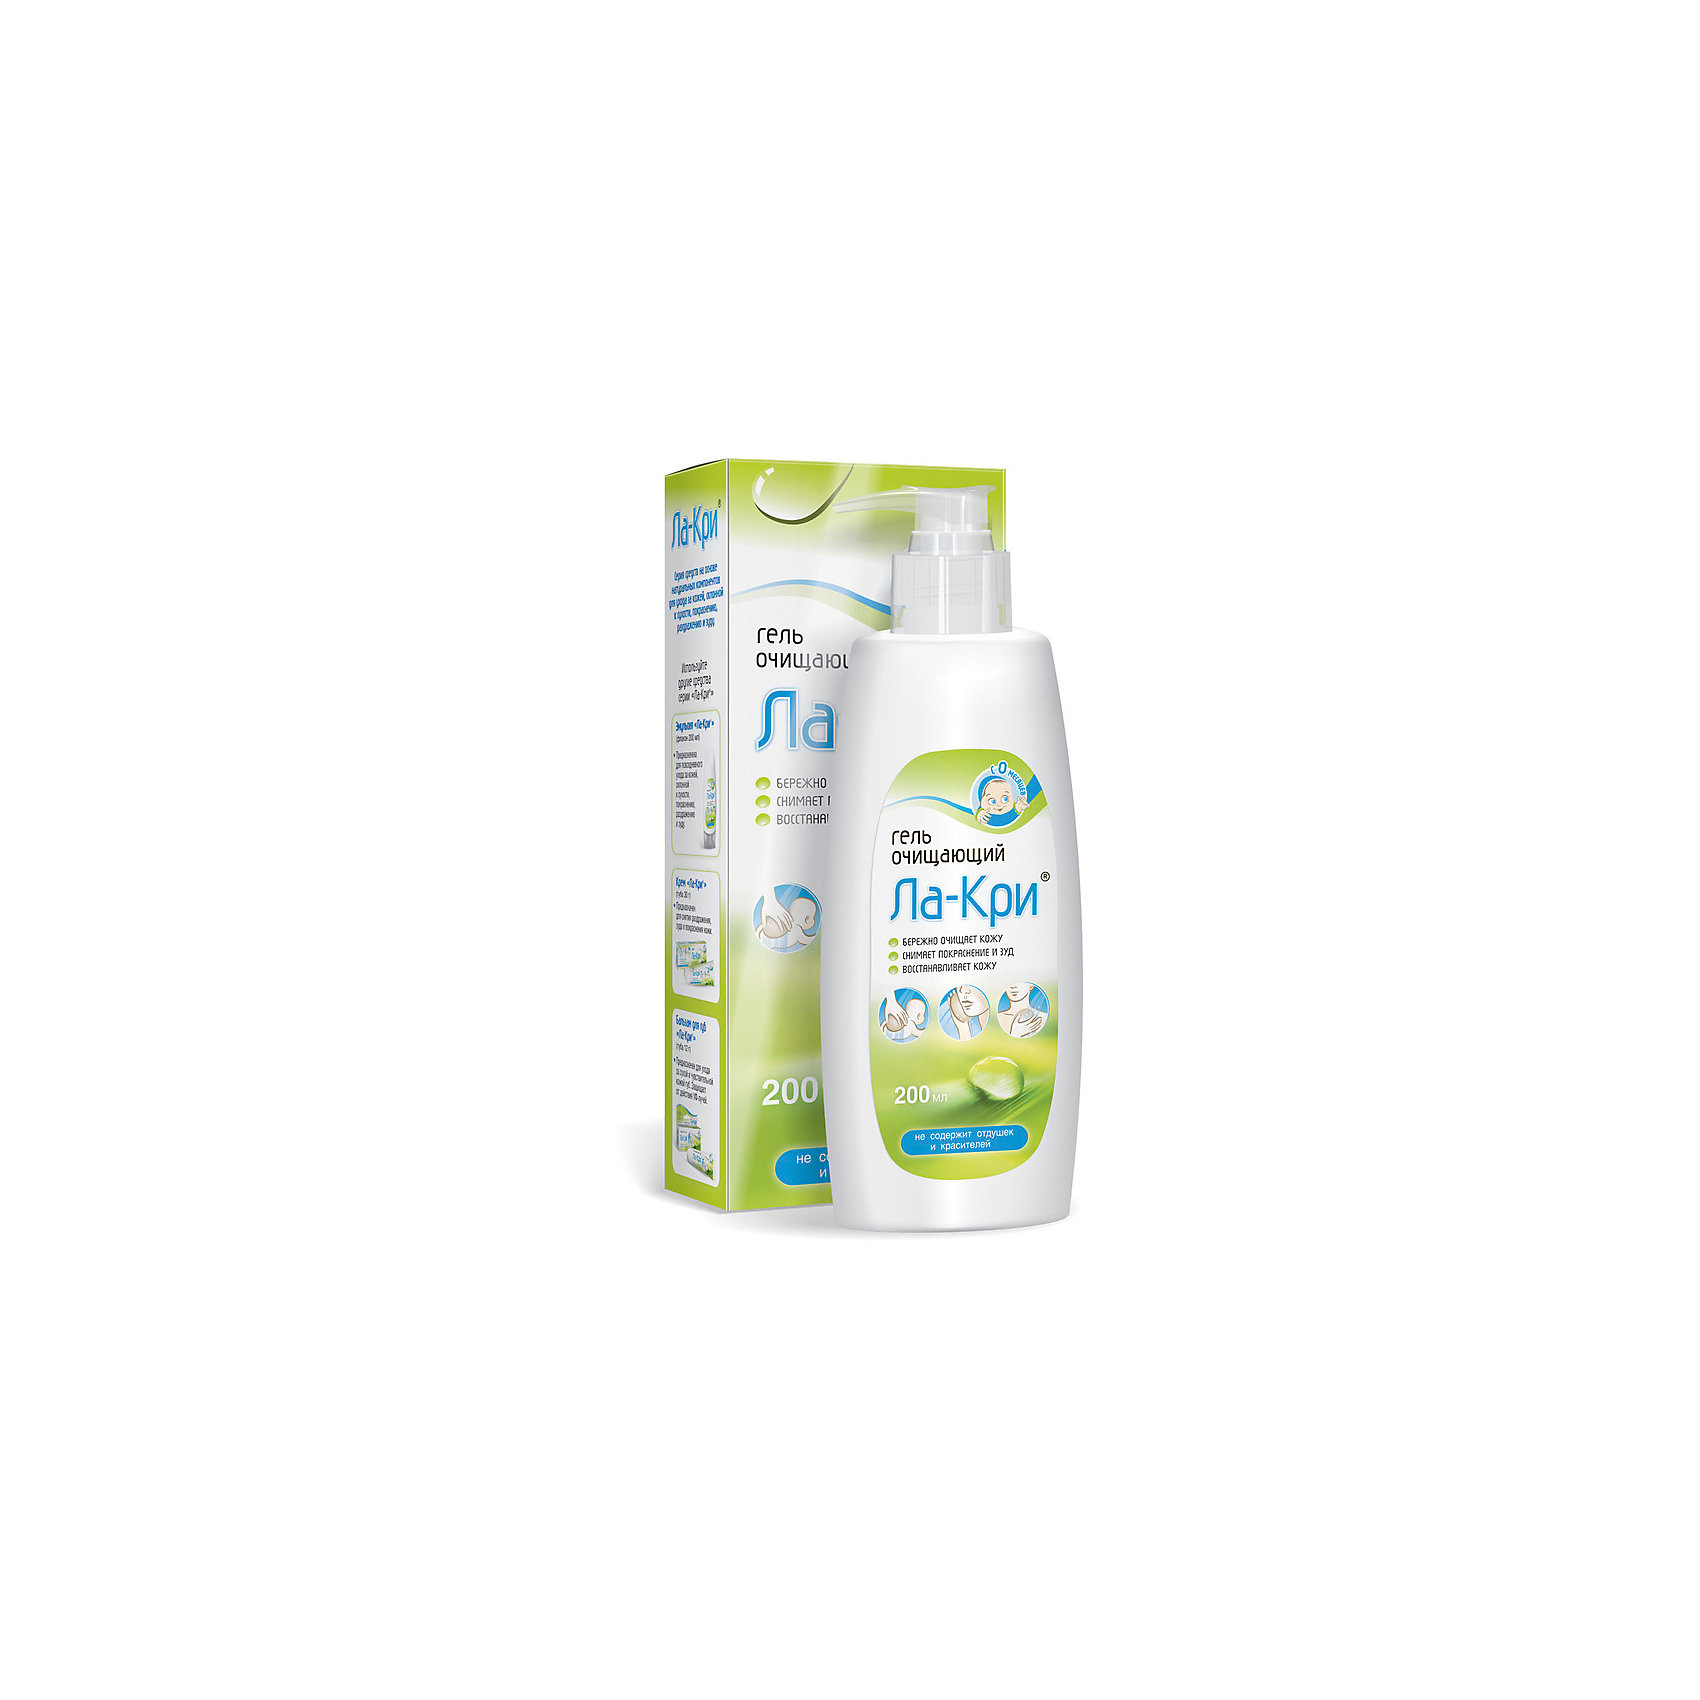 Гель очищающий 200 мл., ЛА-КРИКупание малыша<br>Очищающий гель Ла-Кри разработан для повседневного очищения кожи, имеющей склонность к зуду, покраснениям, раздражению и сухости, снижает чувствительность кожи. Очищающий гель может использоваться для гигиены рук, лица или всего тела. <br>Гель содержит  вещества на растительной основе, которые поддерживают нужный уровень влажности кожи. Гель также можно использовать в качестве пены для ванны.<br>Подходит для постоянного применения.<br>Очищающий гель Ла-Кри подходит для гигиенического ухода за чувствительной кожей Ваших мадышей.<br><br> Дополнительная информация: <br><br>- форма выпуска: 200 г.<br>- торговая марка : Вертекс<br>- страна изготовления:  Россия<br><br>Гель очищающий  Ла-Кри можно купить в нашем интернет-магазине.<br><br>Ширина мм: 250<br>Глубина мм: 150<br>Высота мм: 100<br>Вес г: 200<br>Возраст от месяцев: -2147483648<br>Возраст до месяцев: 2147483647<br>Пол: Унисекс<br>Возраст: Детский<br>SKU: 4801618